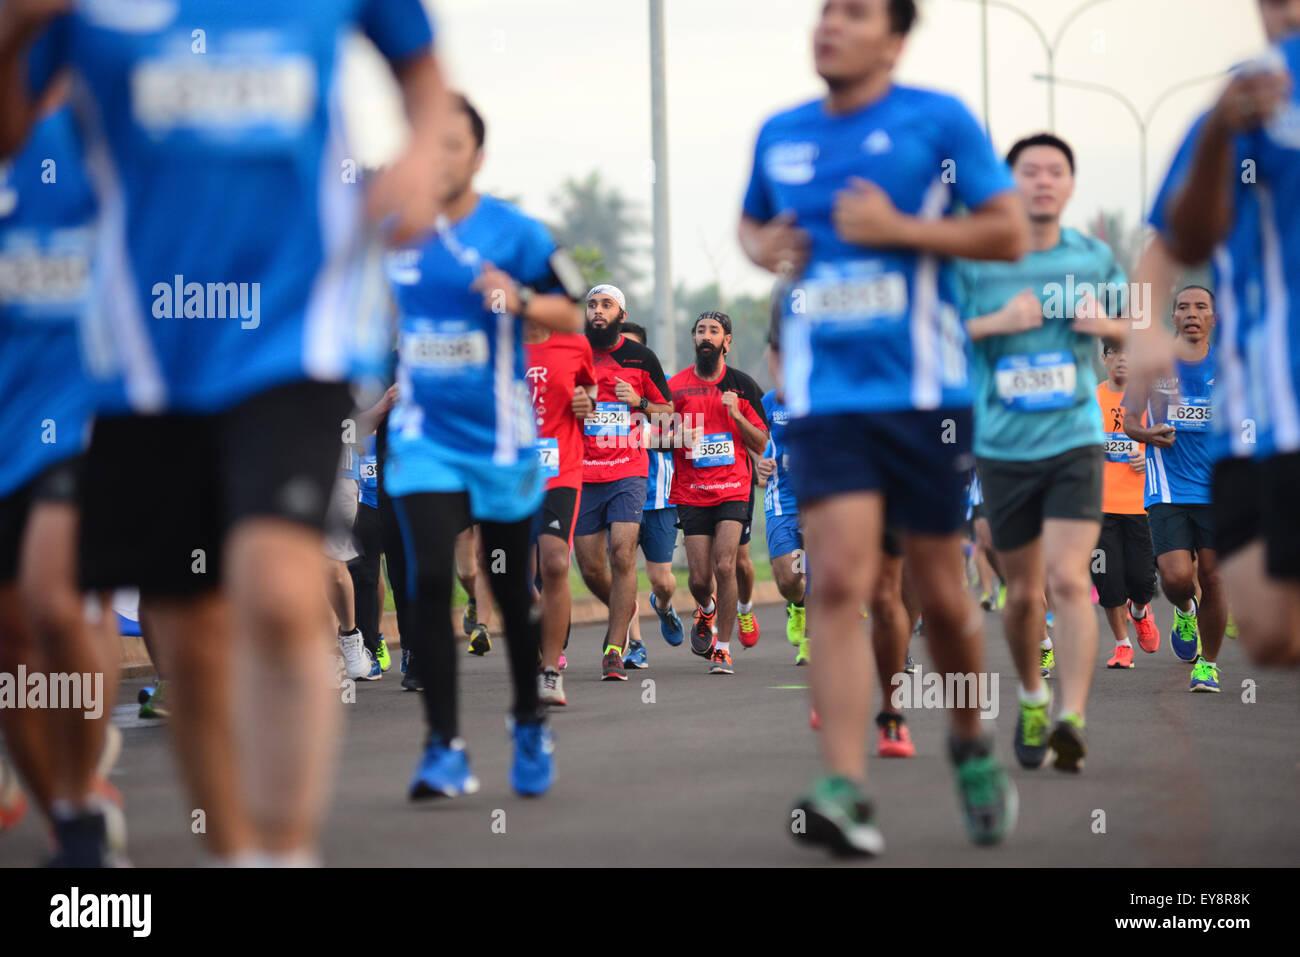 Carrera urbana. Estilo de vida tendencias la actividad deportiva en Indonesia. Imagen De Stock